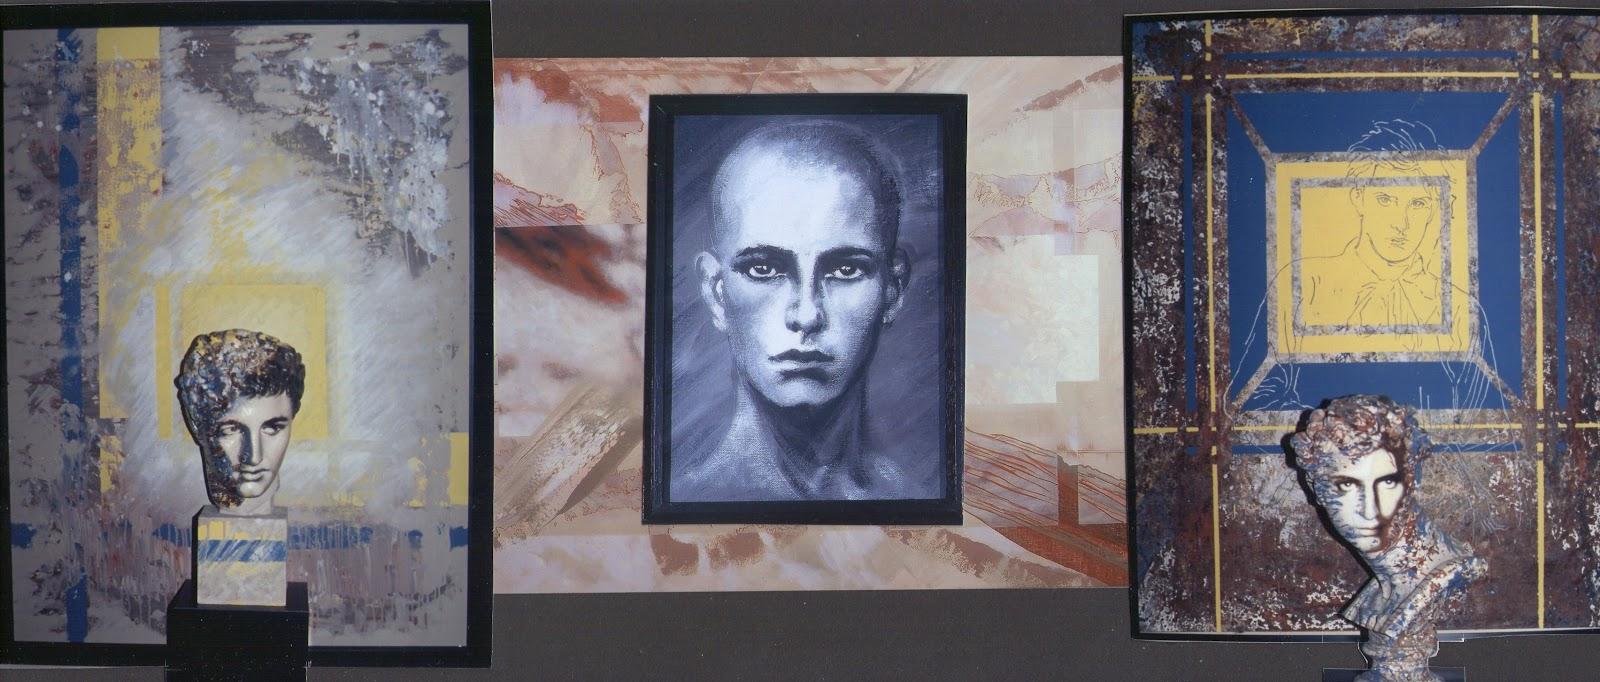 michel faure - peintures  -5-parcours  2012